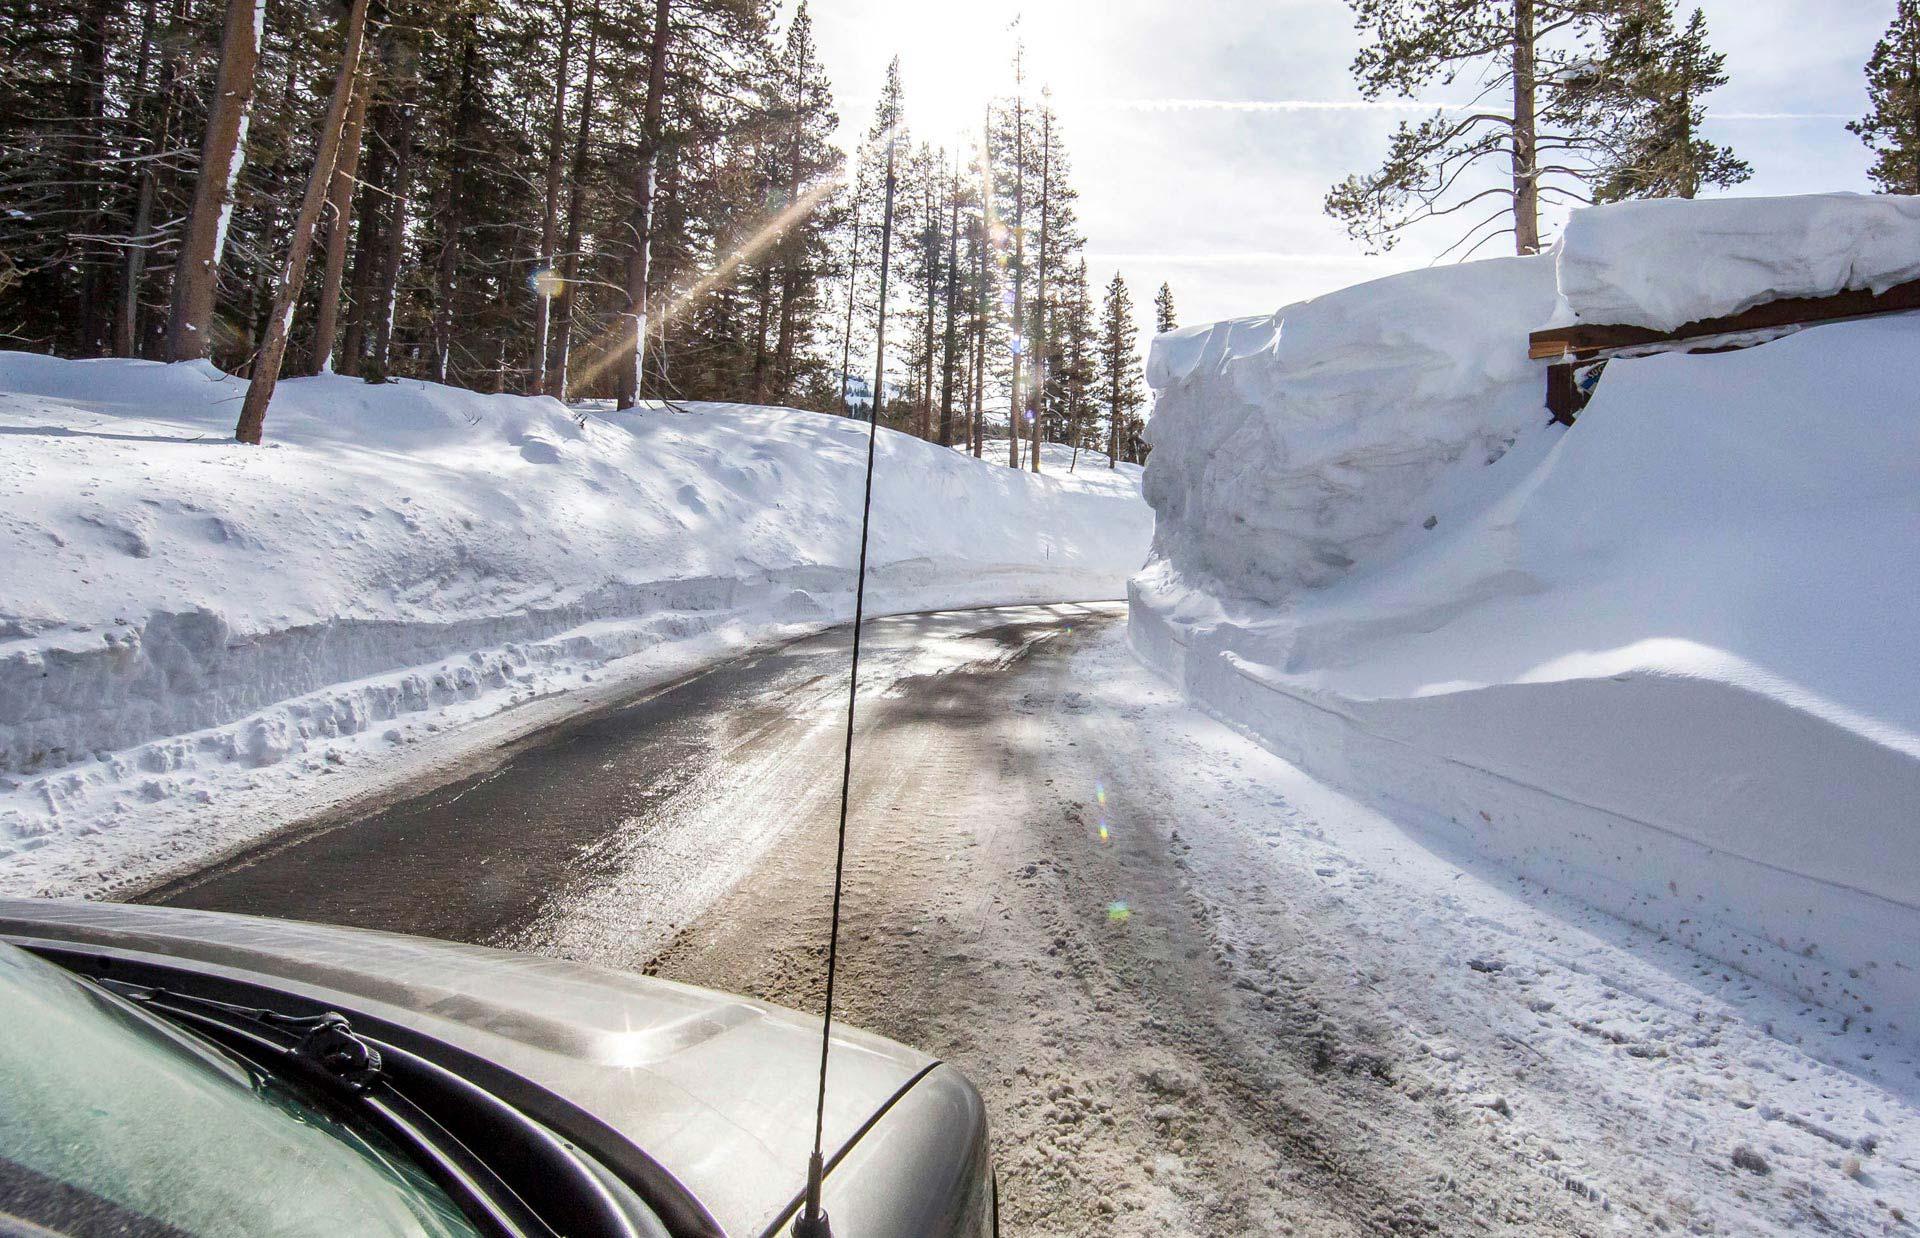 Rund um dem Lake Tahoe hatte es so viel Schnee gegeben, wie seit drei Jahren nicht mehr - perfekte Bedingungen also für den Trip des Lebens.